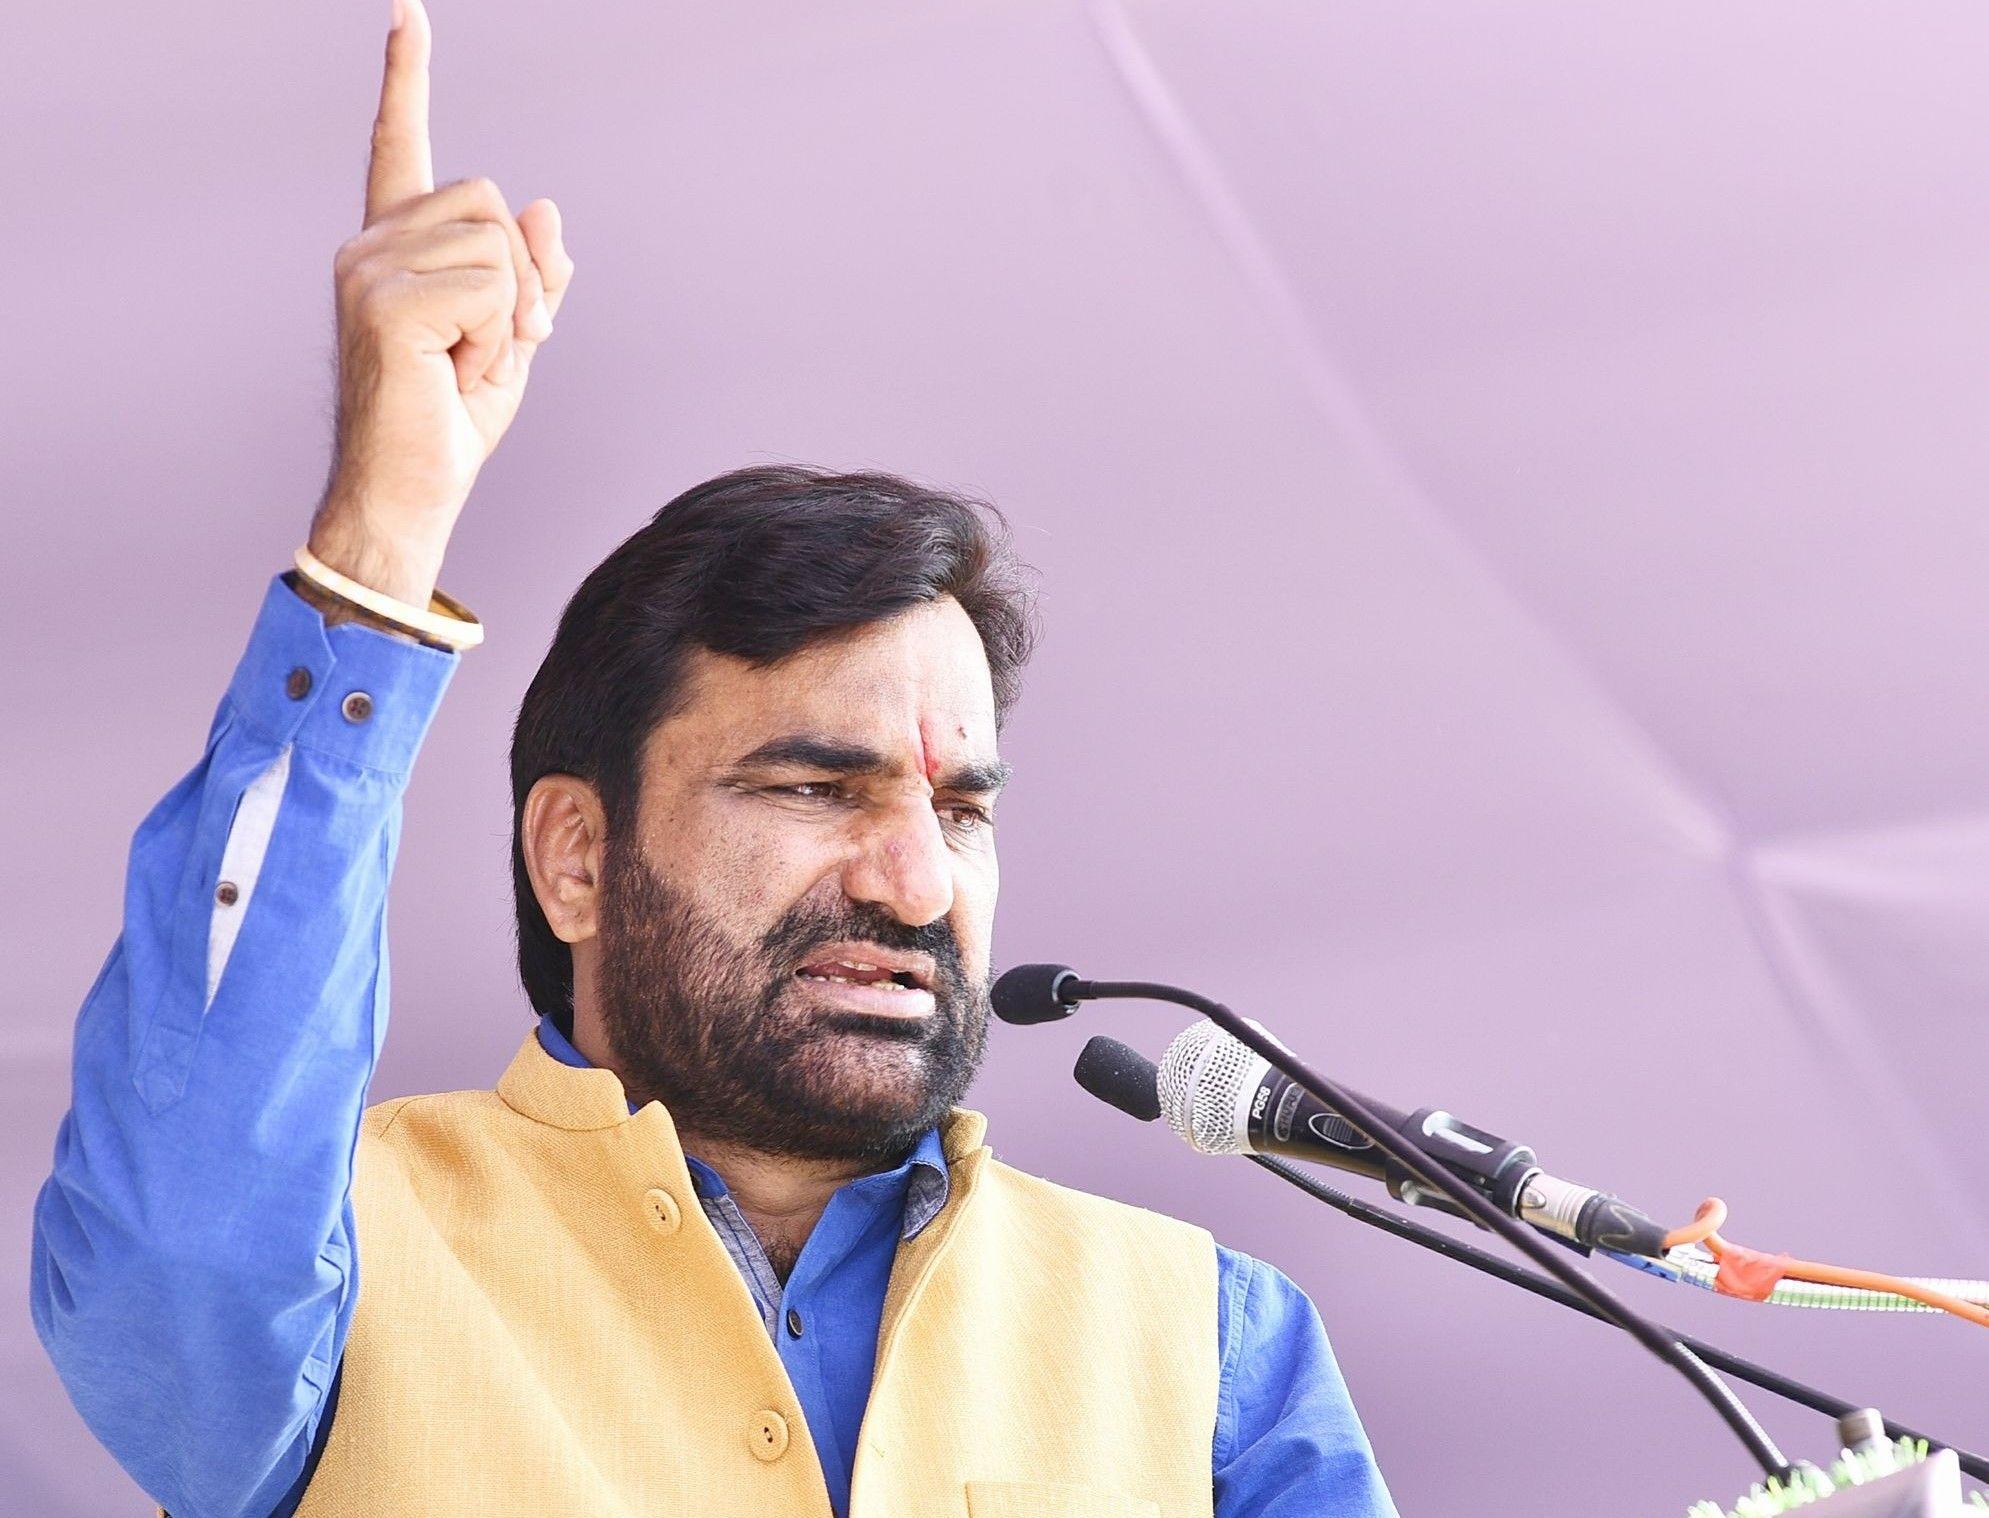 Ajay chautala on kisan andolan in delhi - Satya Hindi